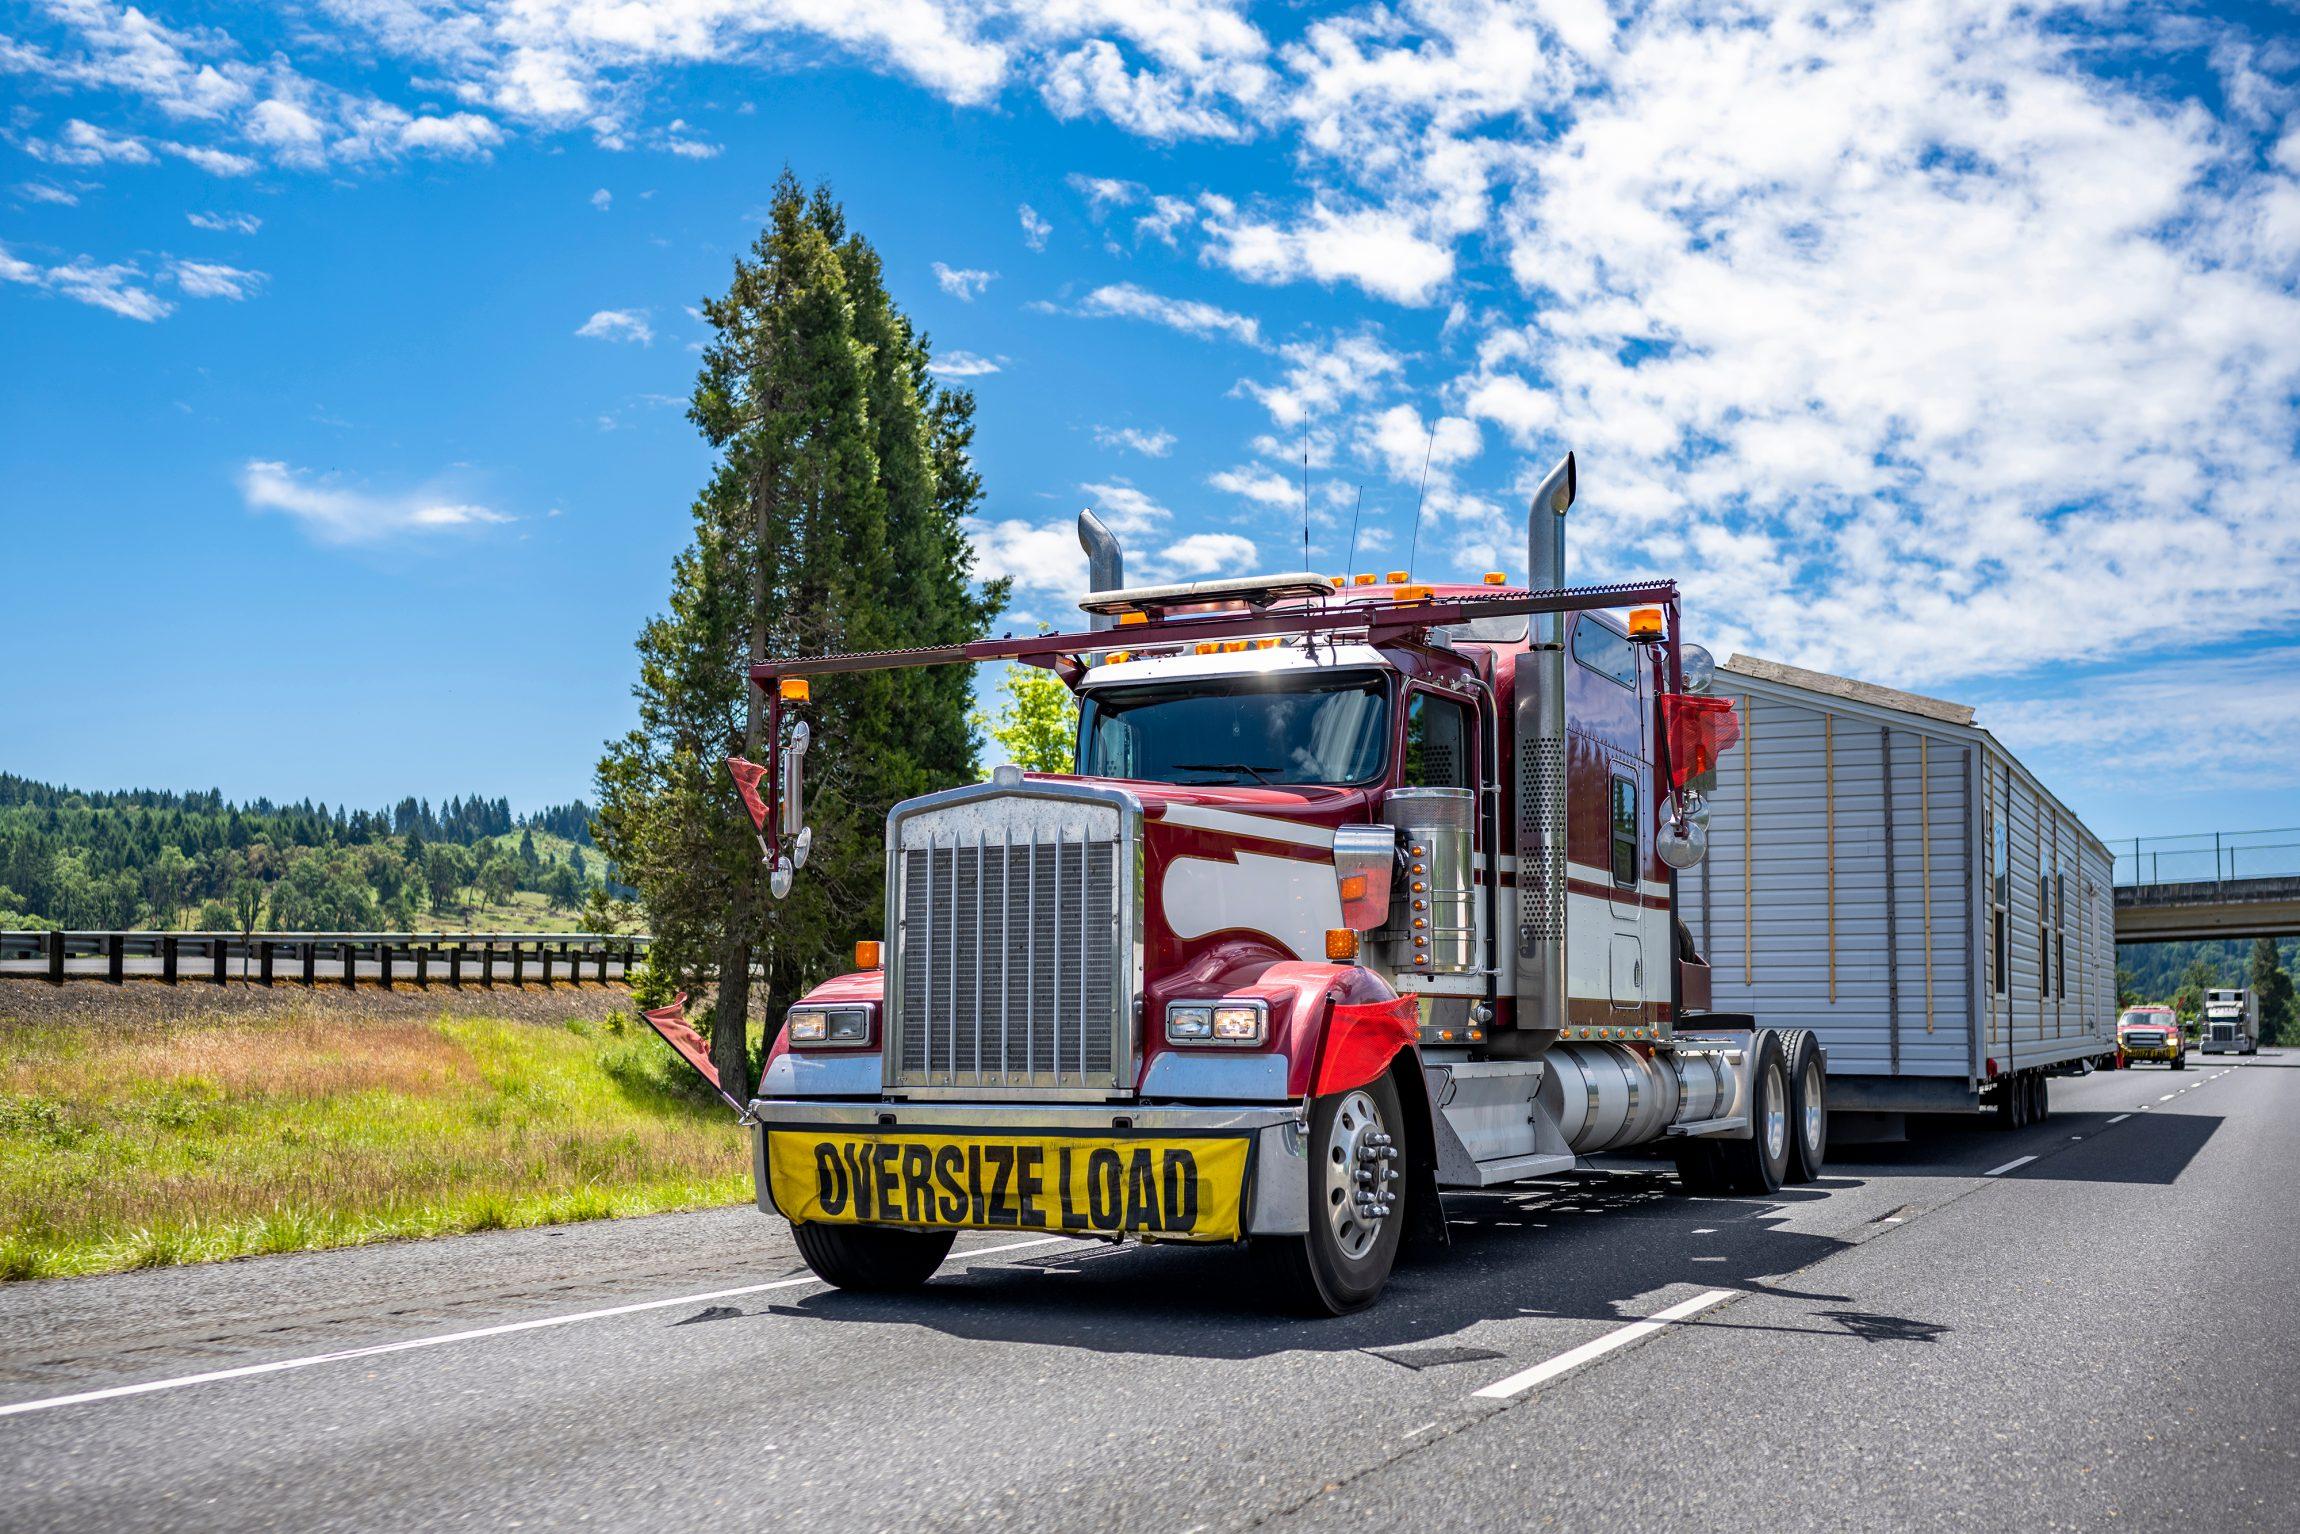 American idol red classic big rig